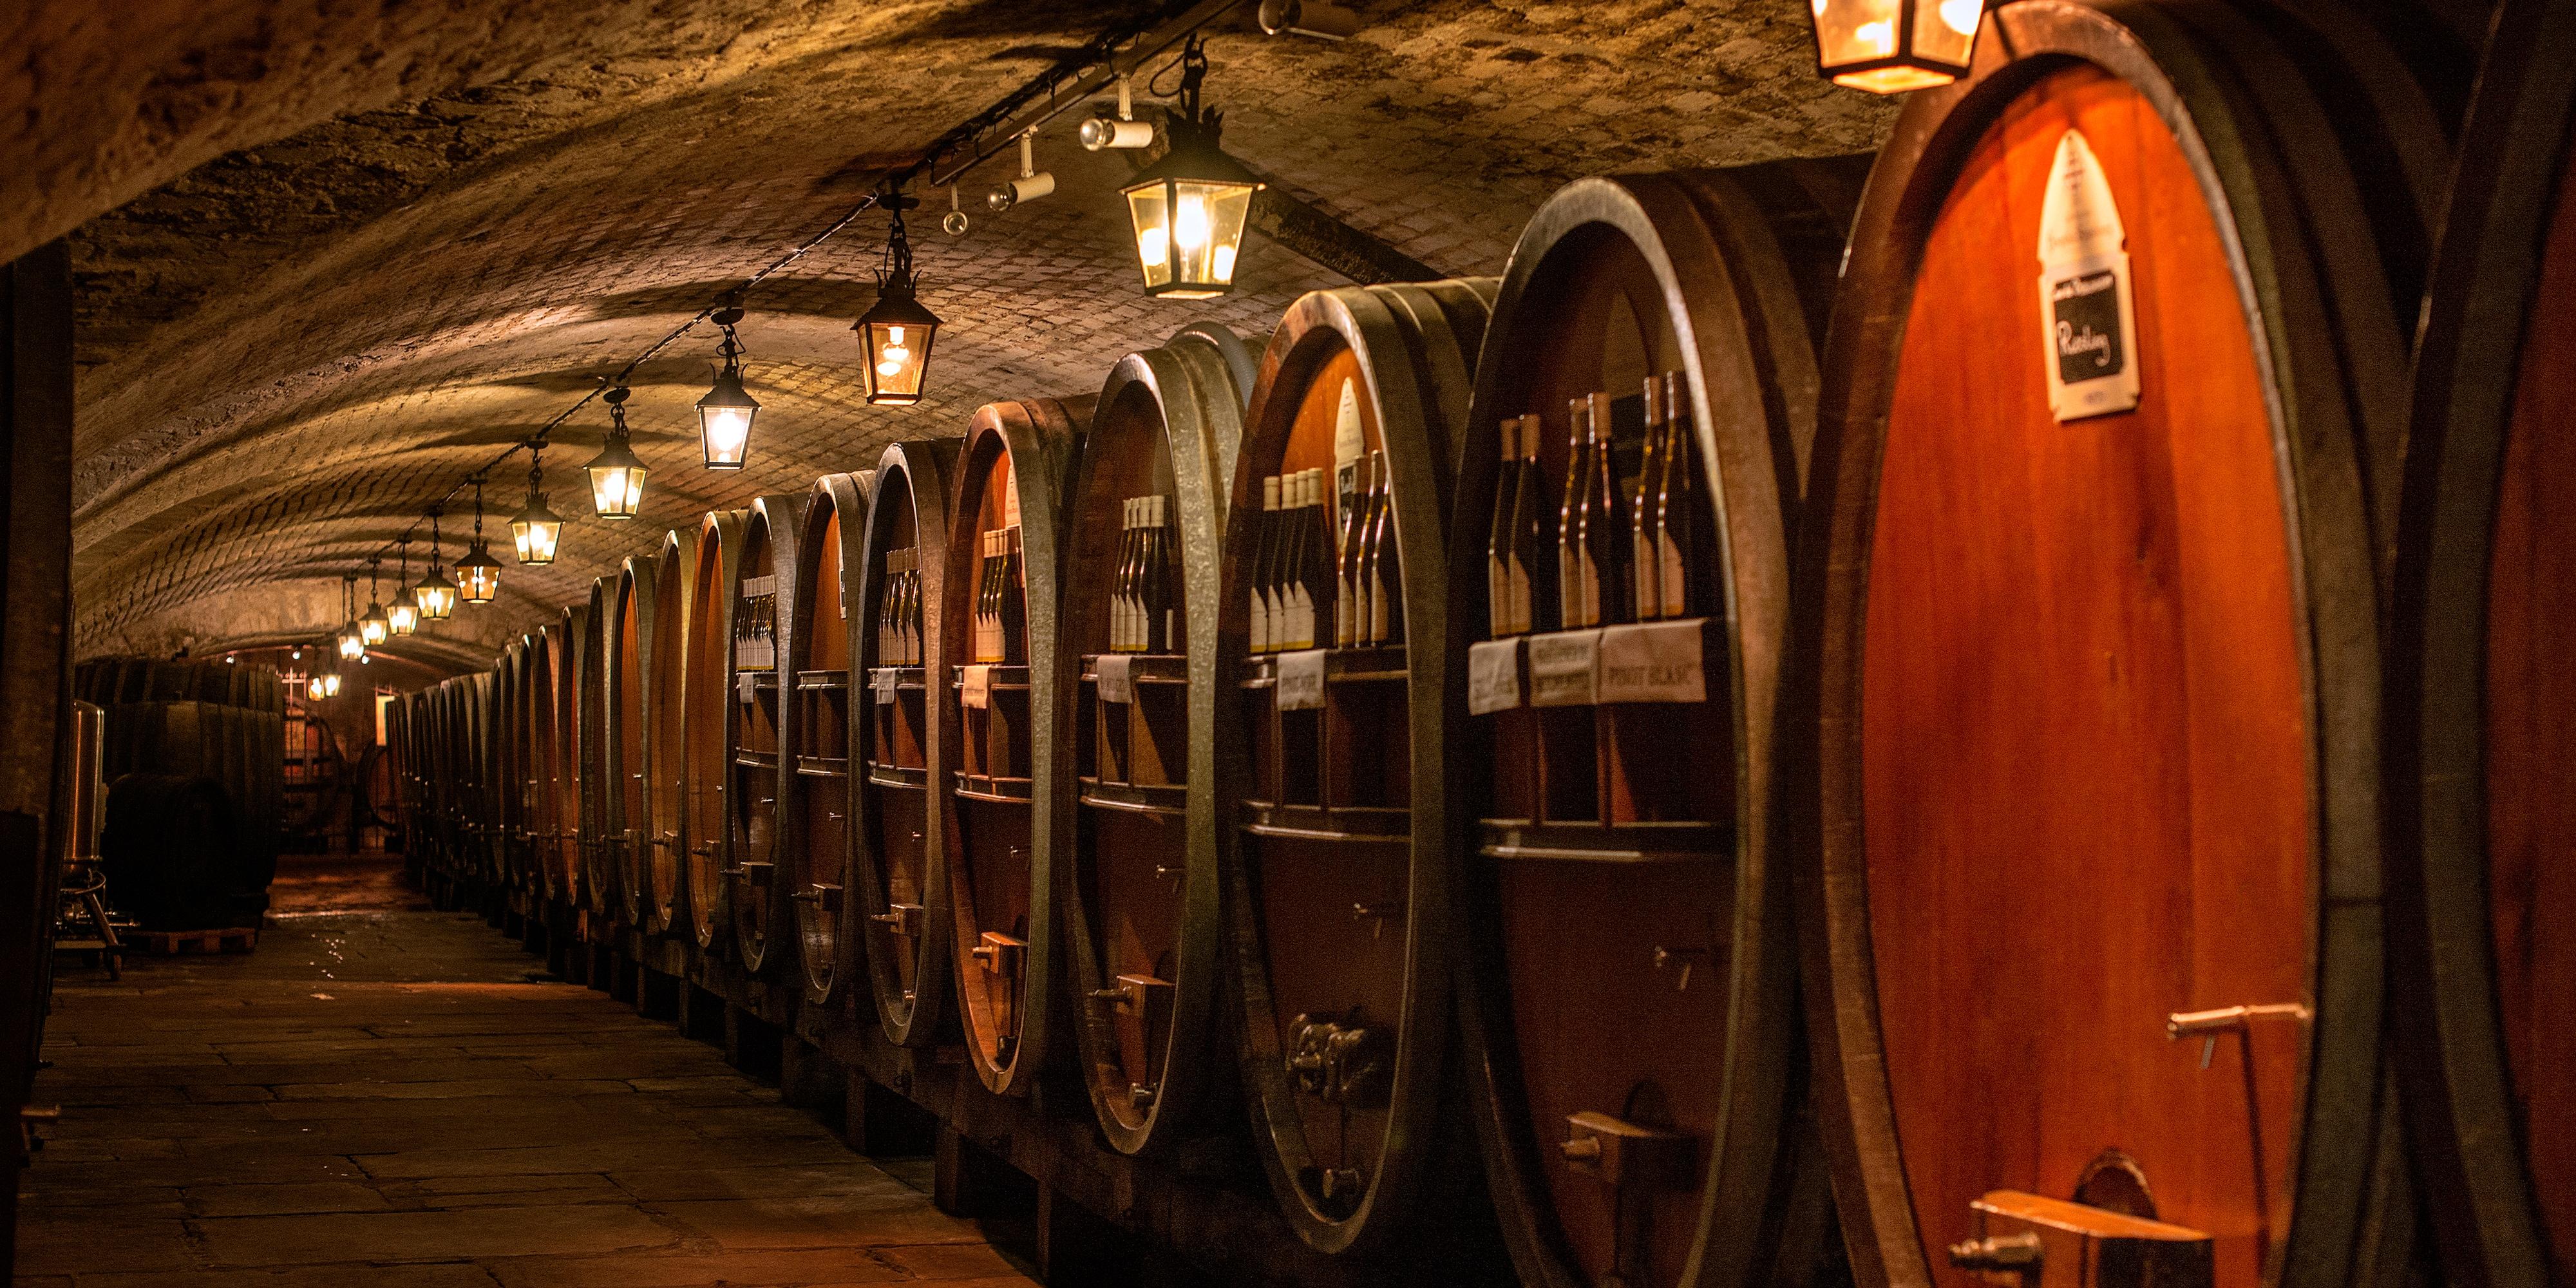 A row of wine barrels